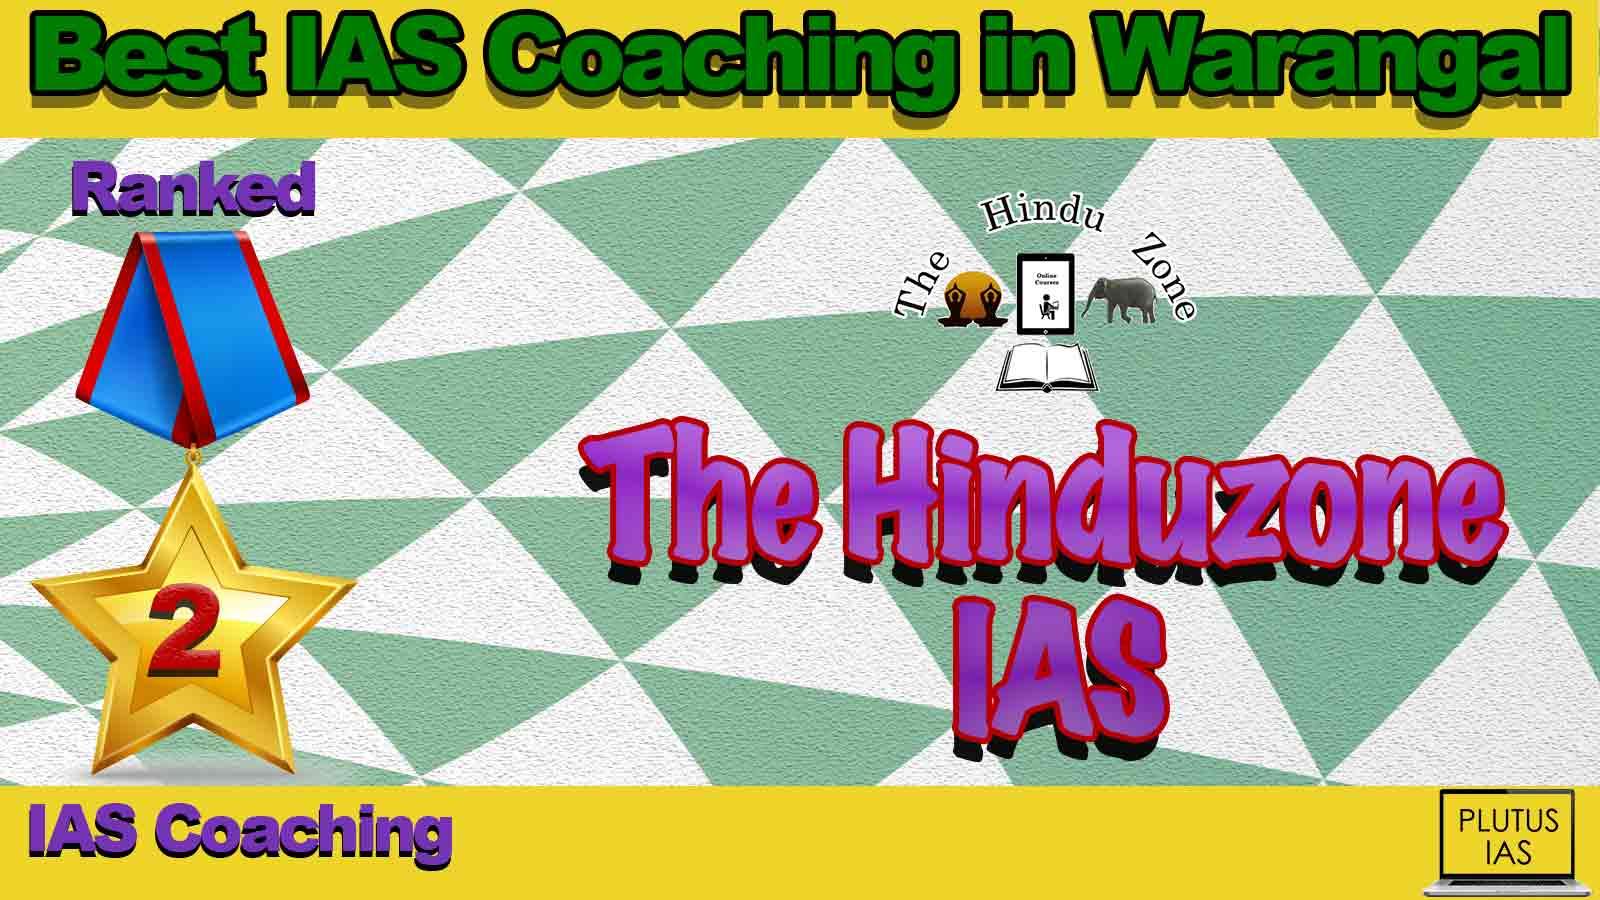 Best IAS Coaching in Warangal